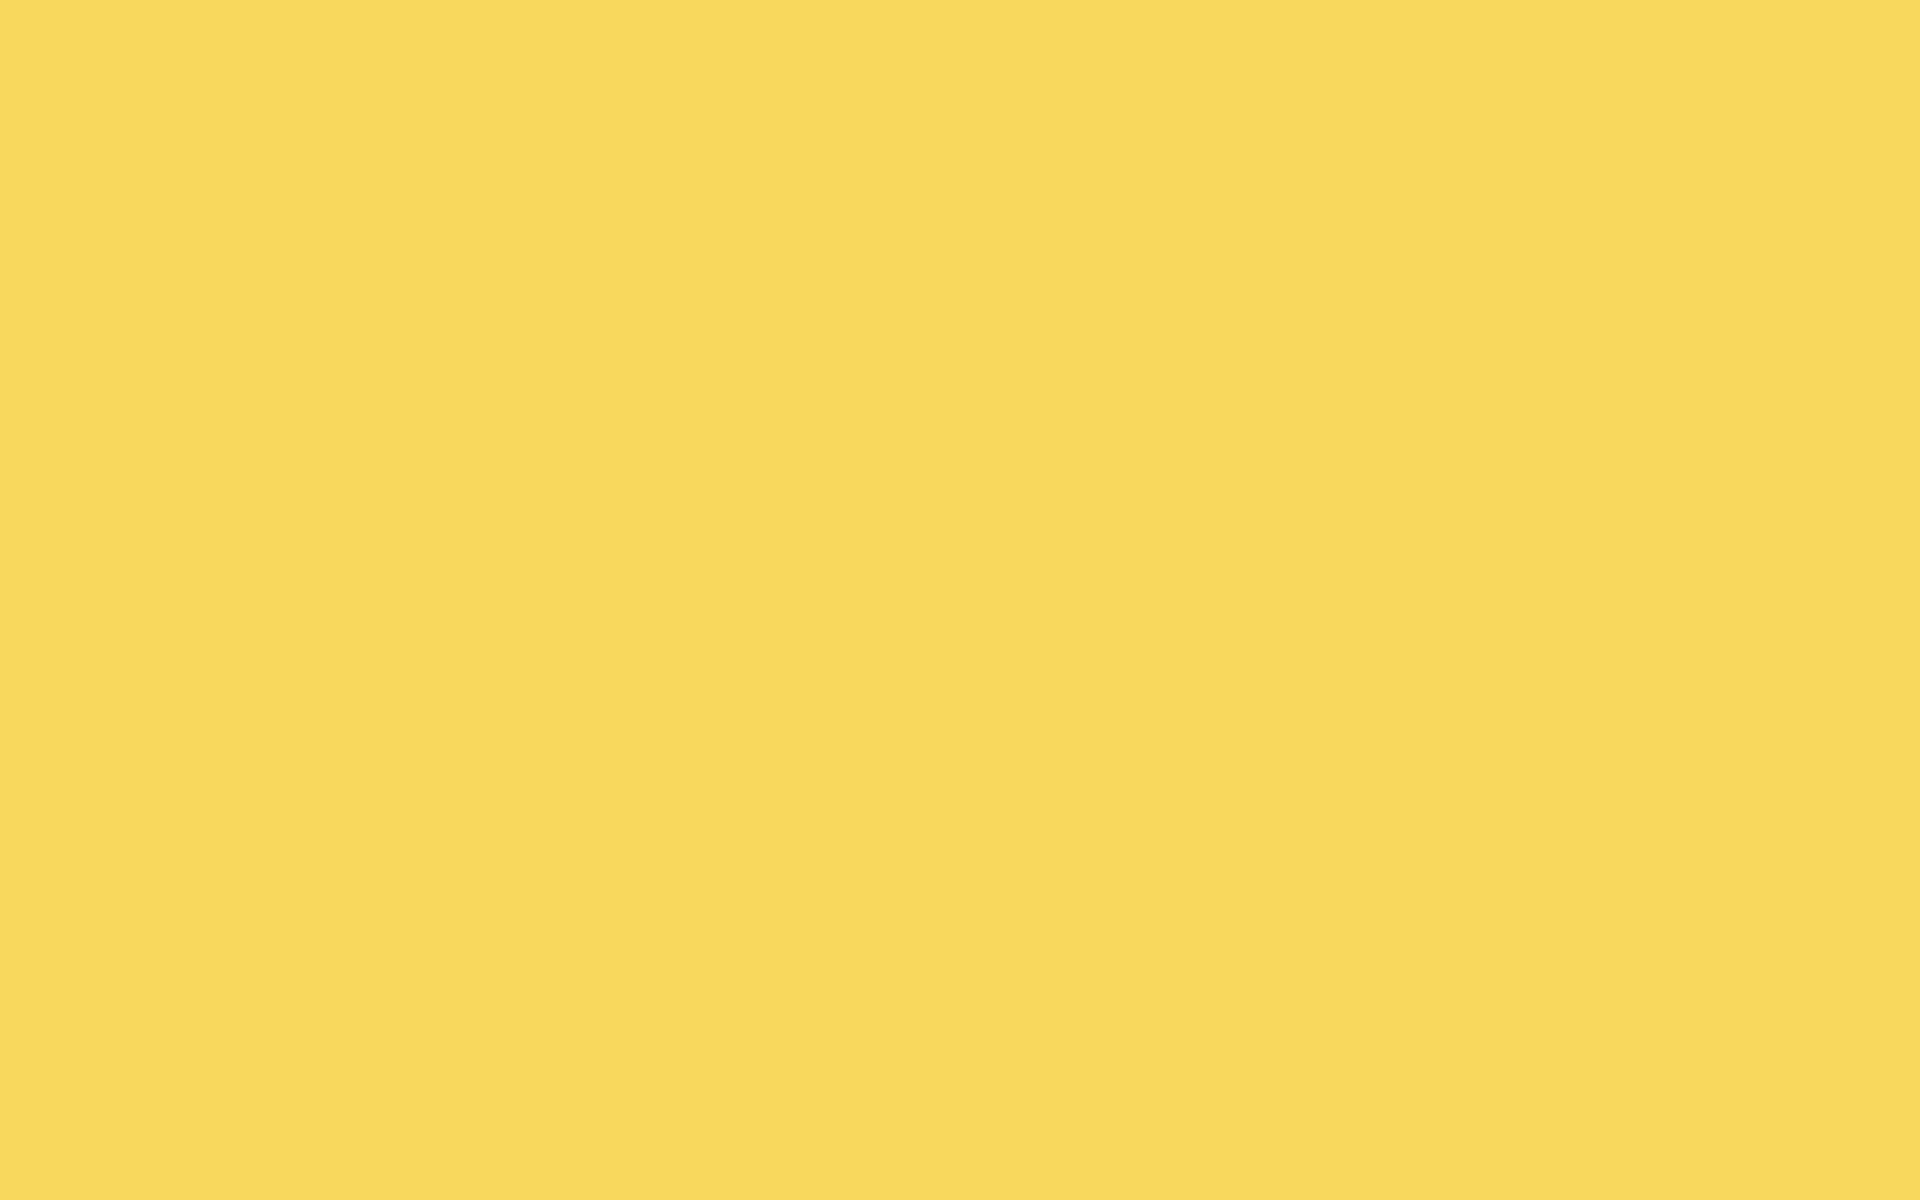 1920x1200 Stil De Grain Yellow Solid Color Background